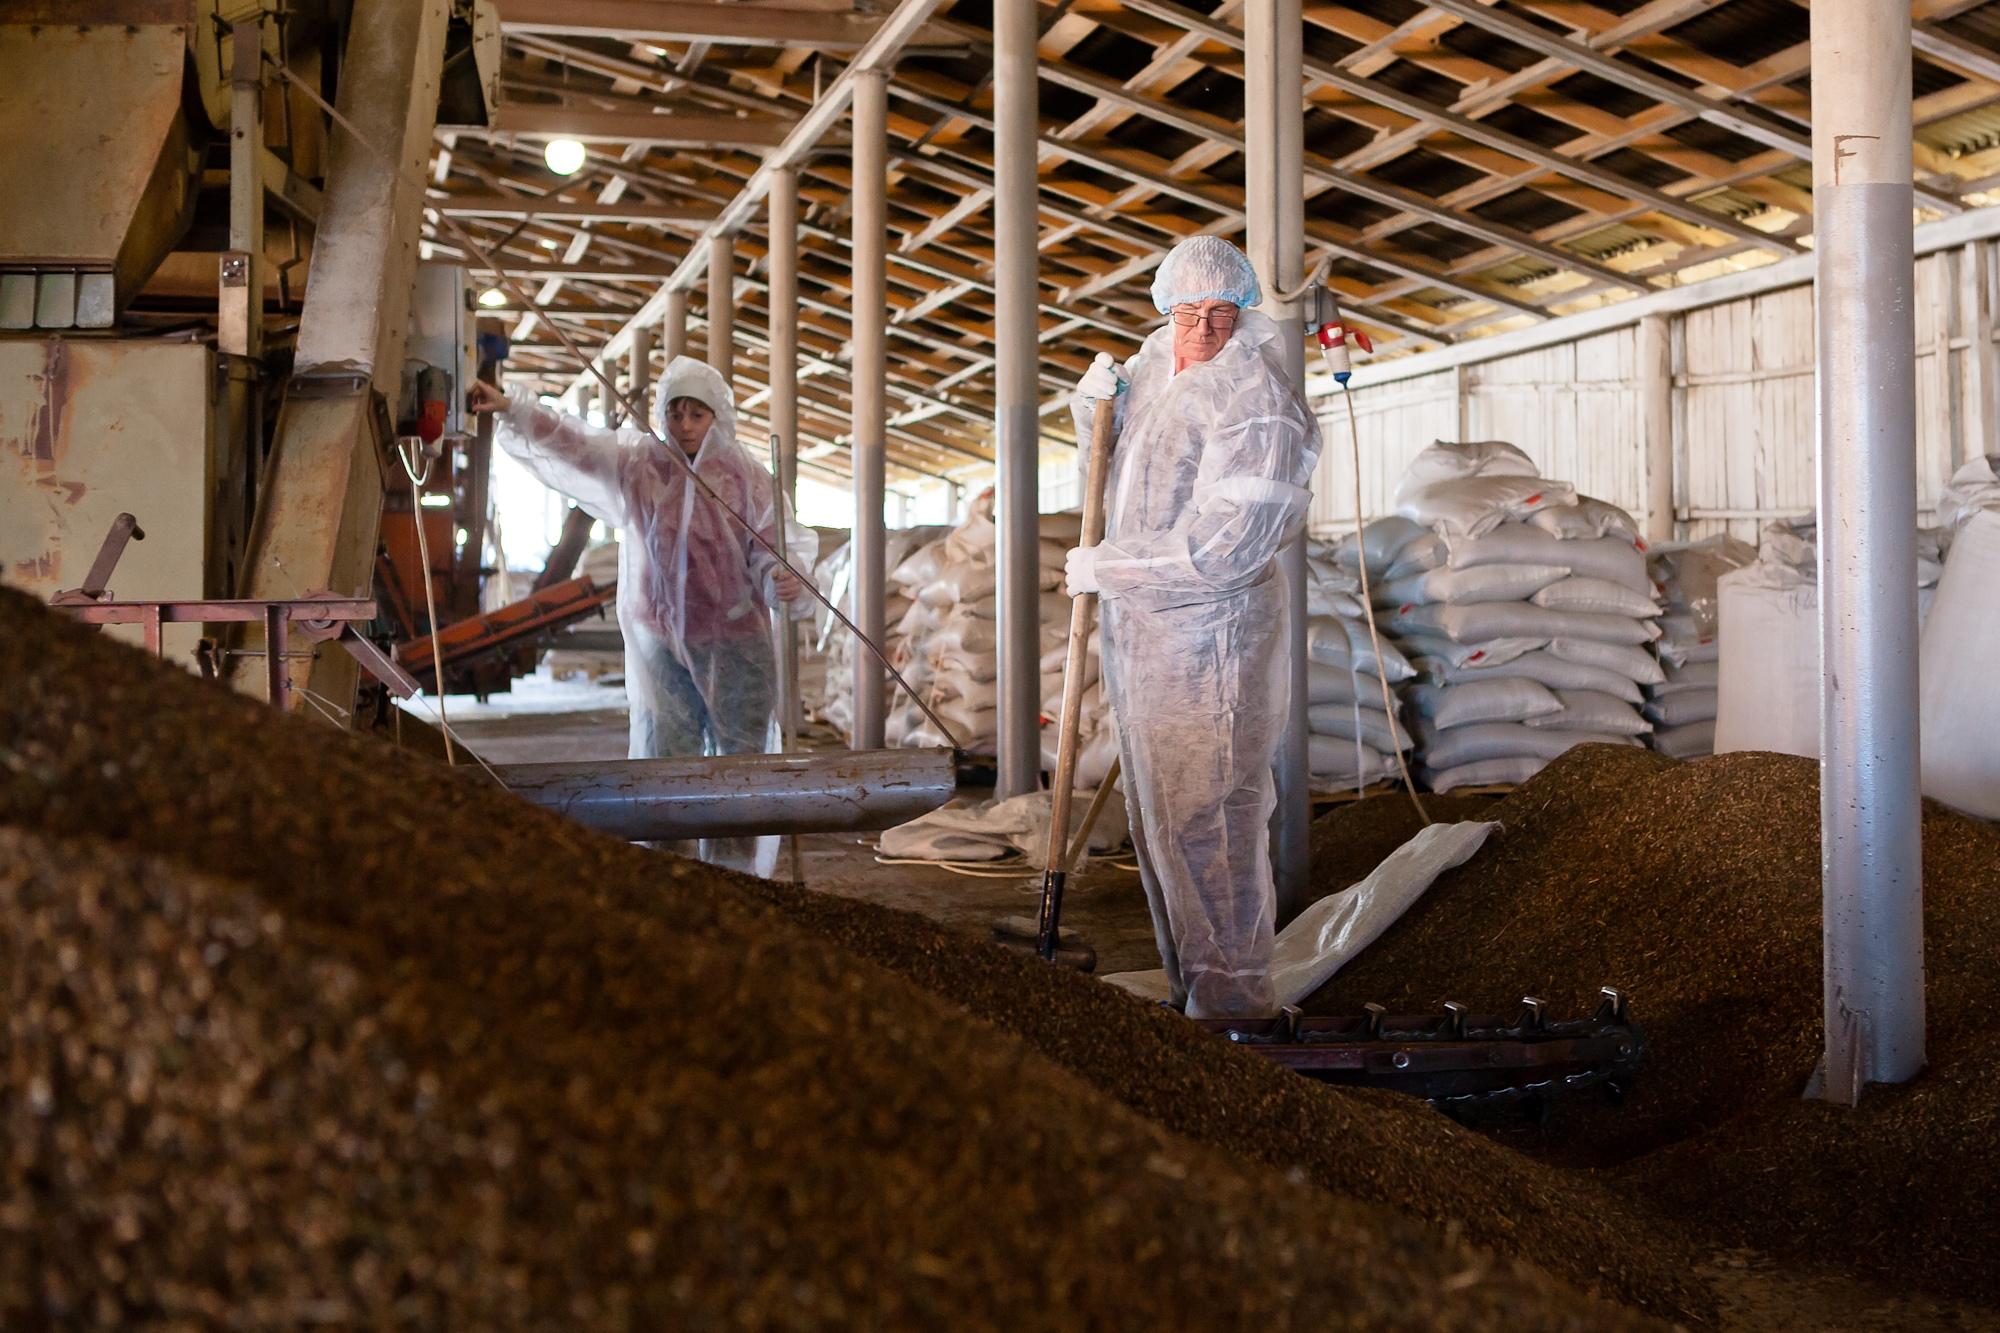 Сортировка гречки в зернохранилище